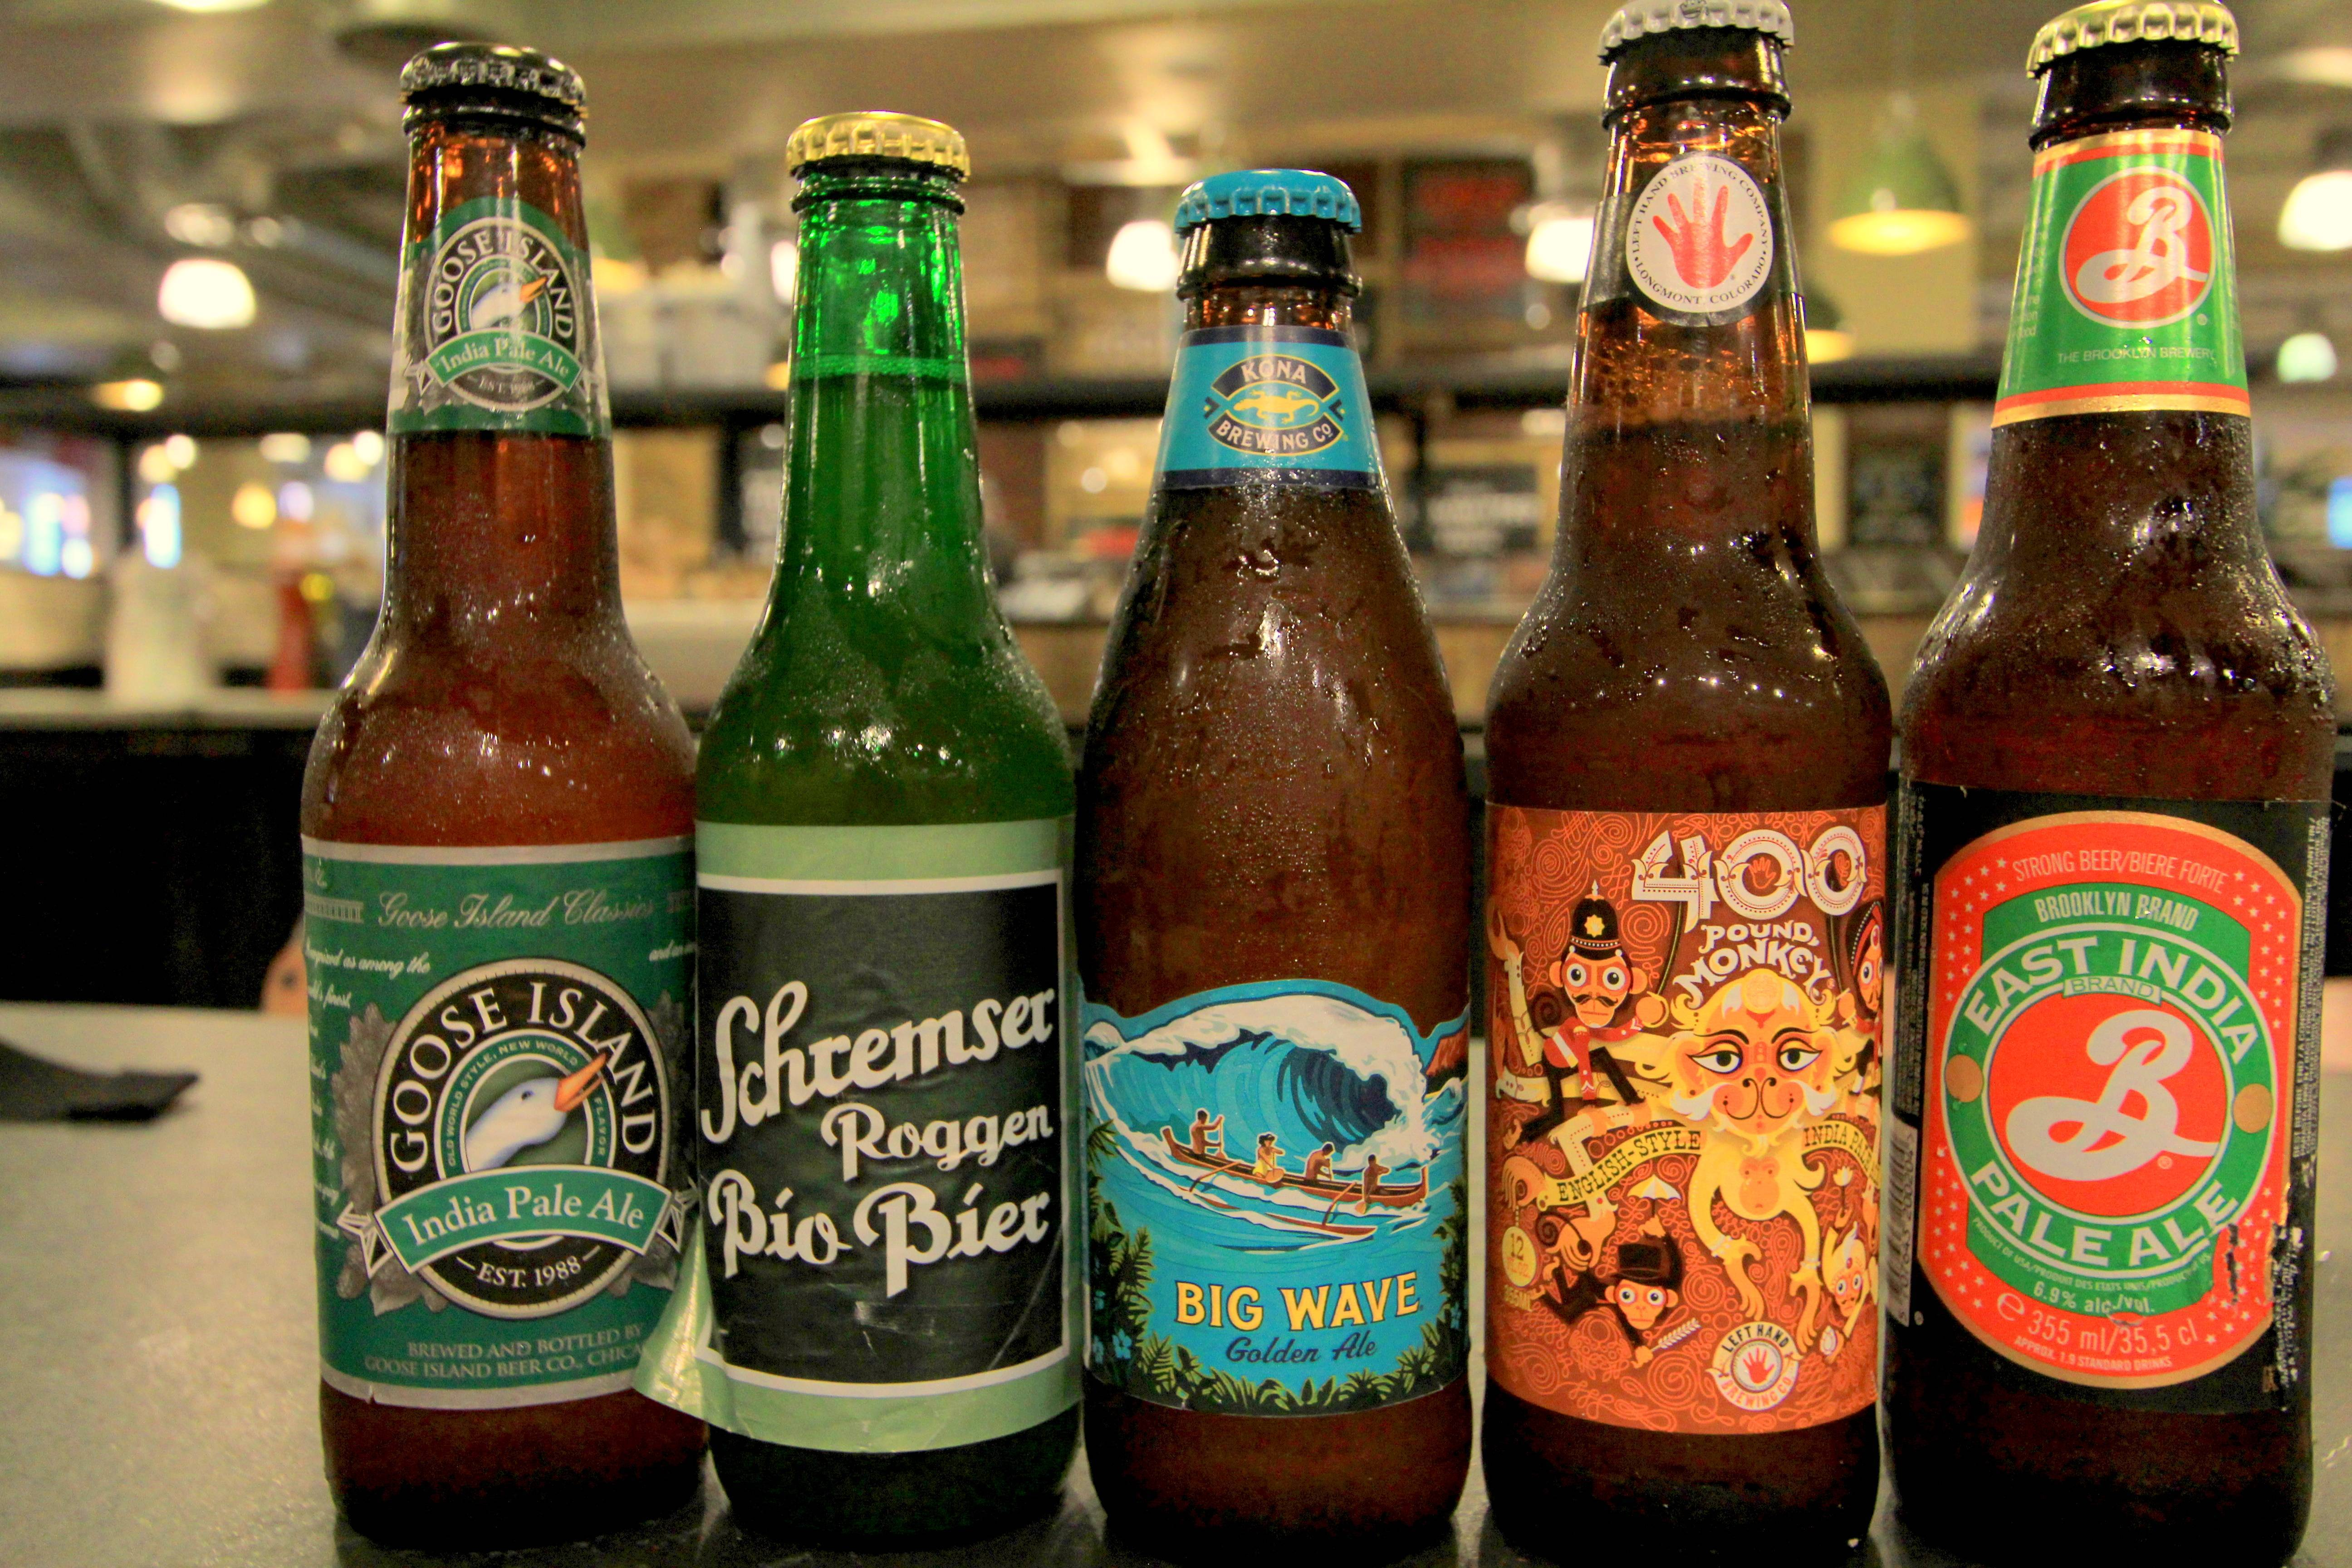 Крафтовое пиво: что это такое, отличия от обычного напитка, лучшие сорта и марки